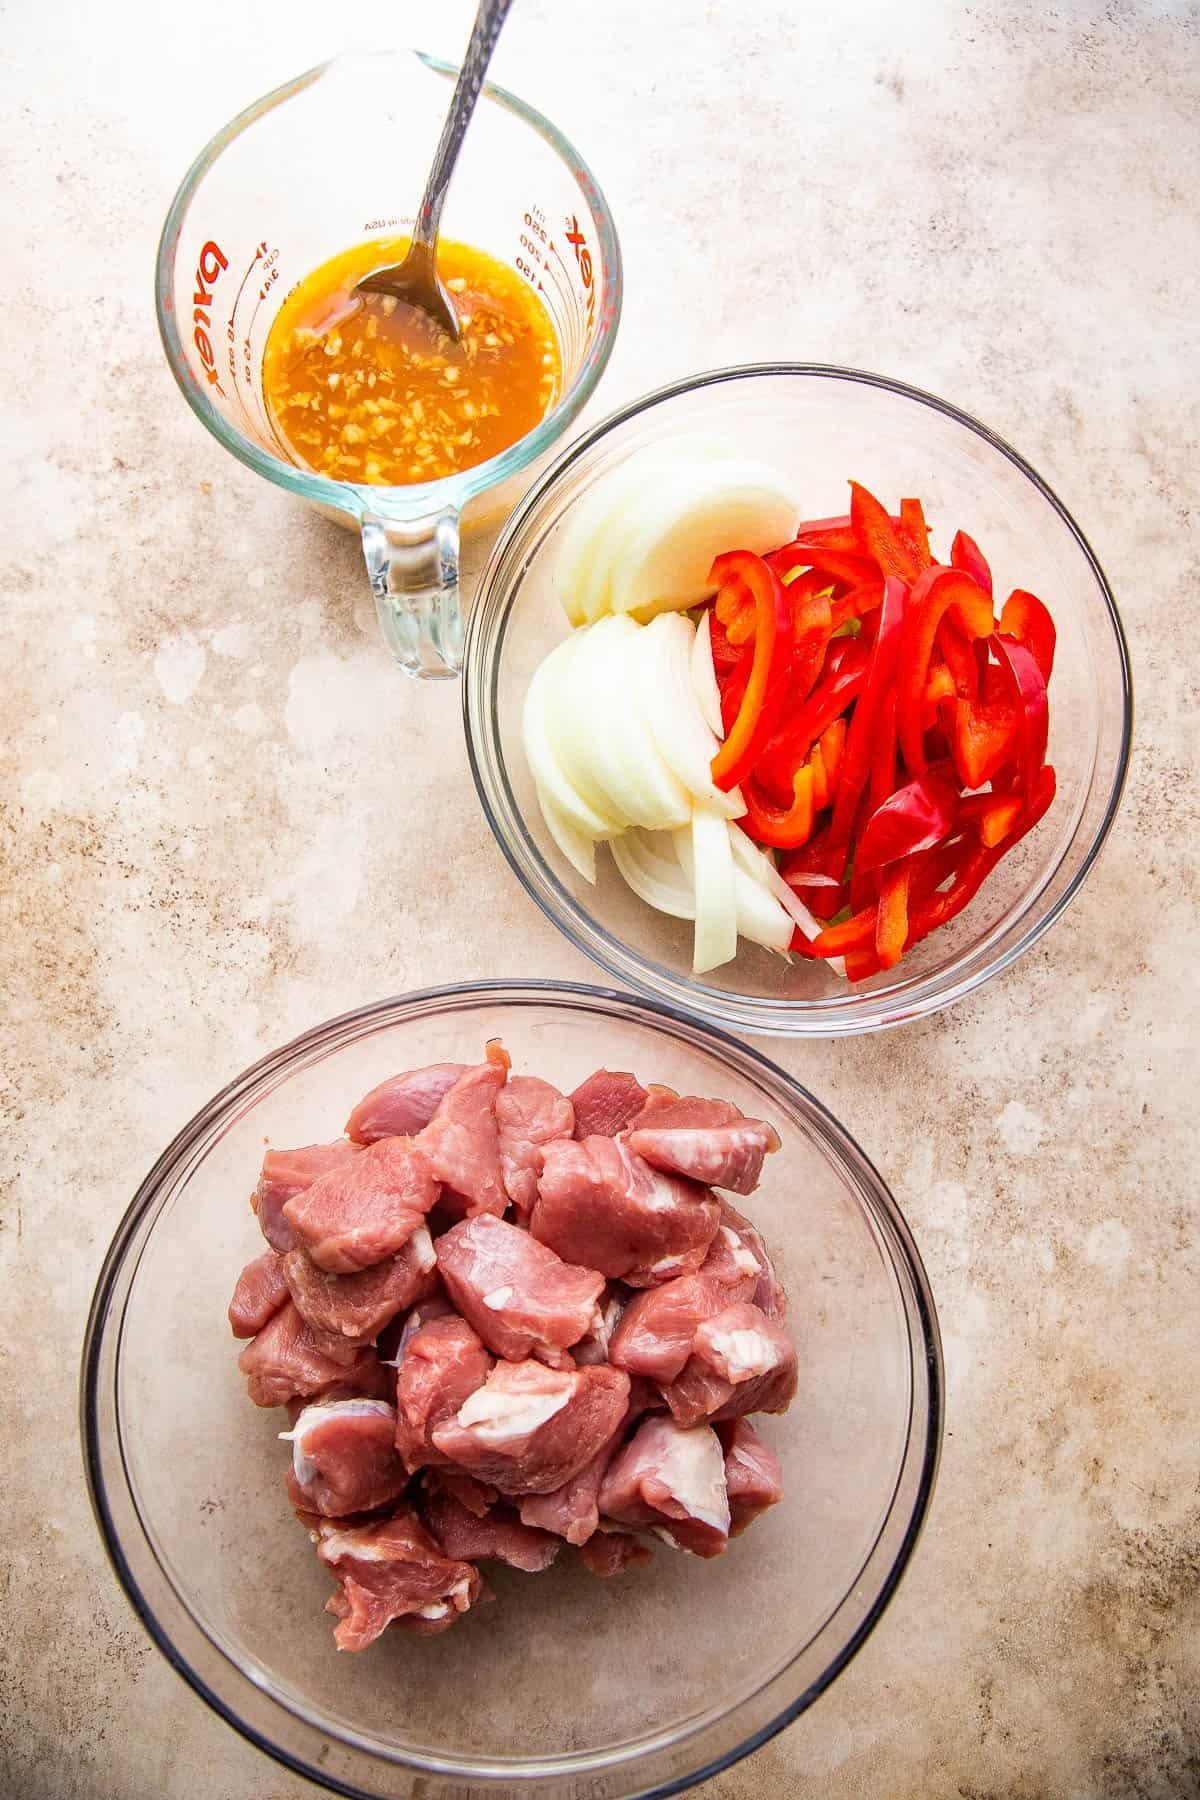 mise en place for pork chop suey